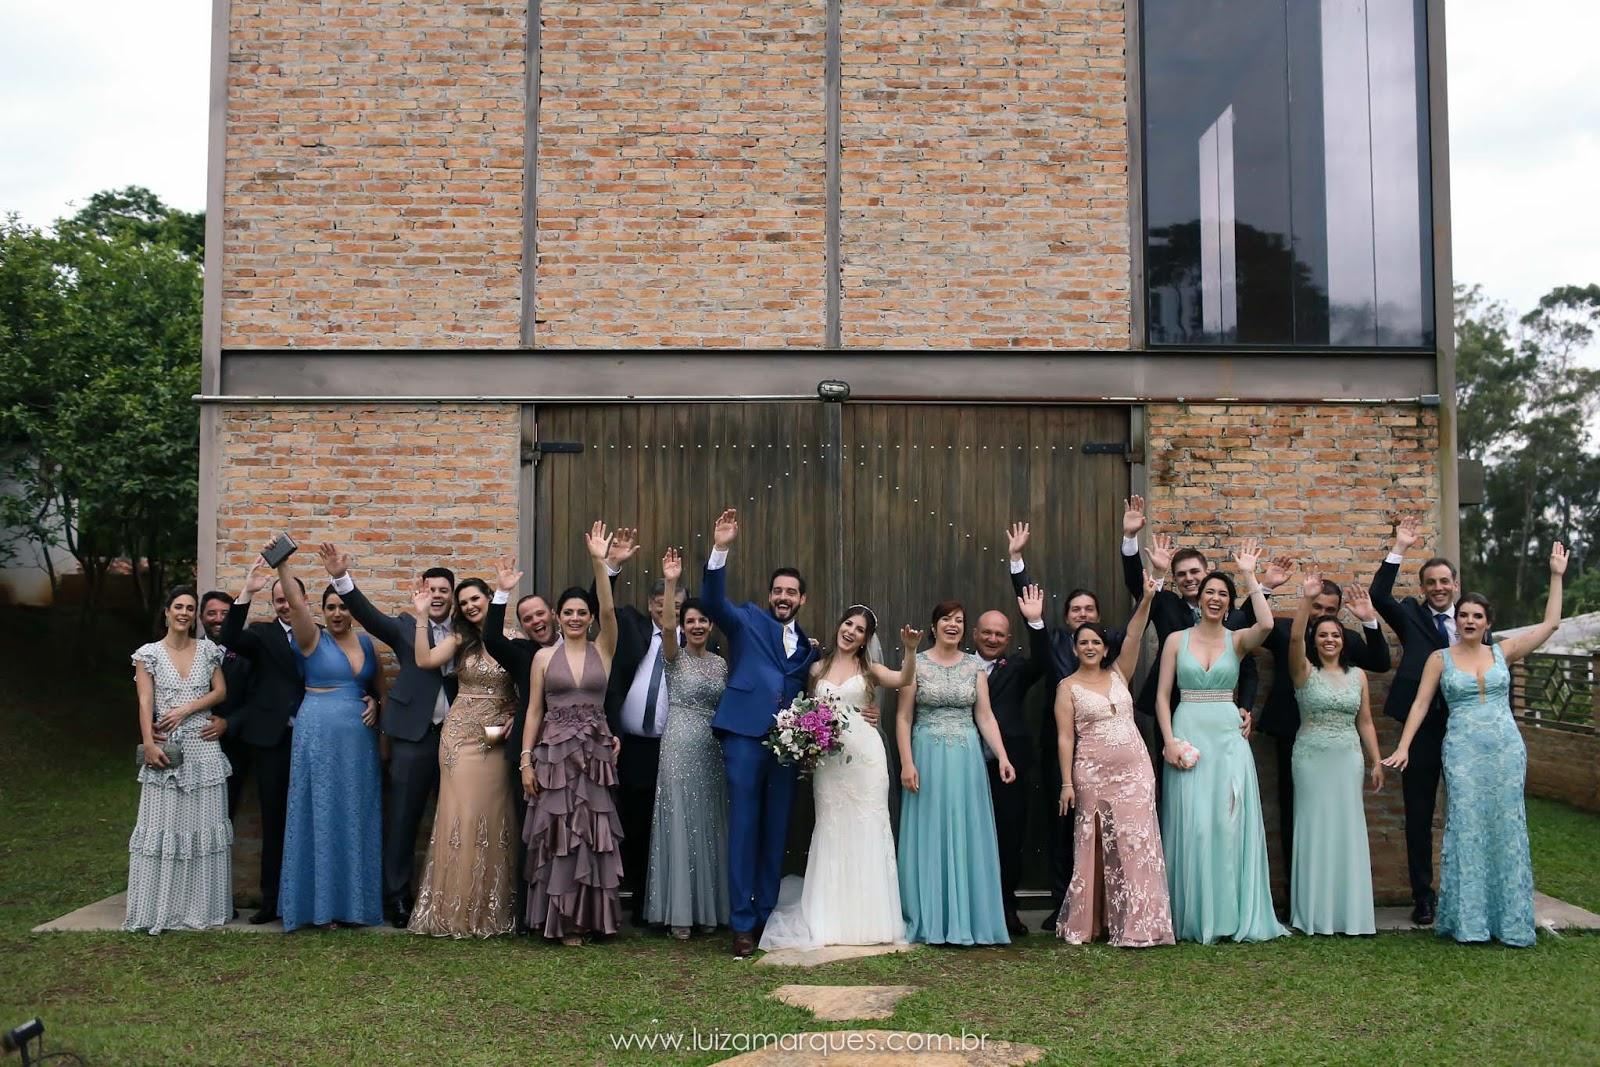 casamento-tre-marie-boituva-gabi-e-andre-luiza-marques-fotografia-90